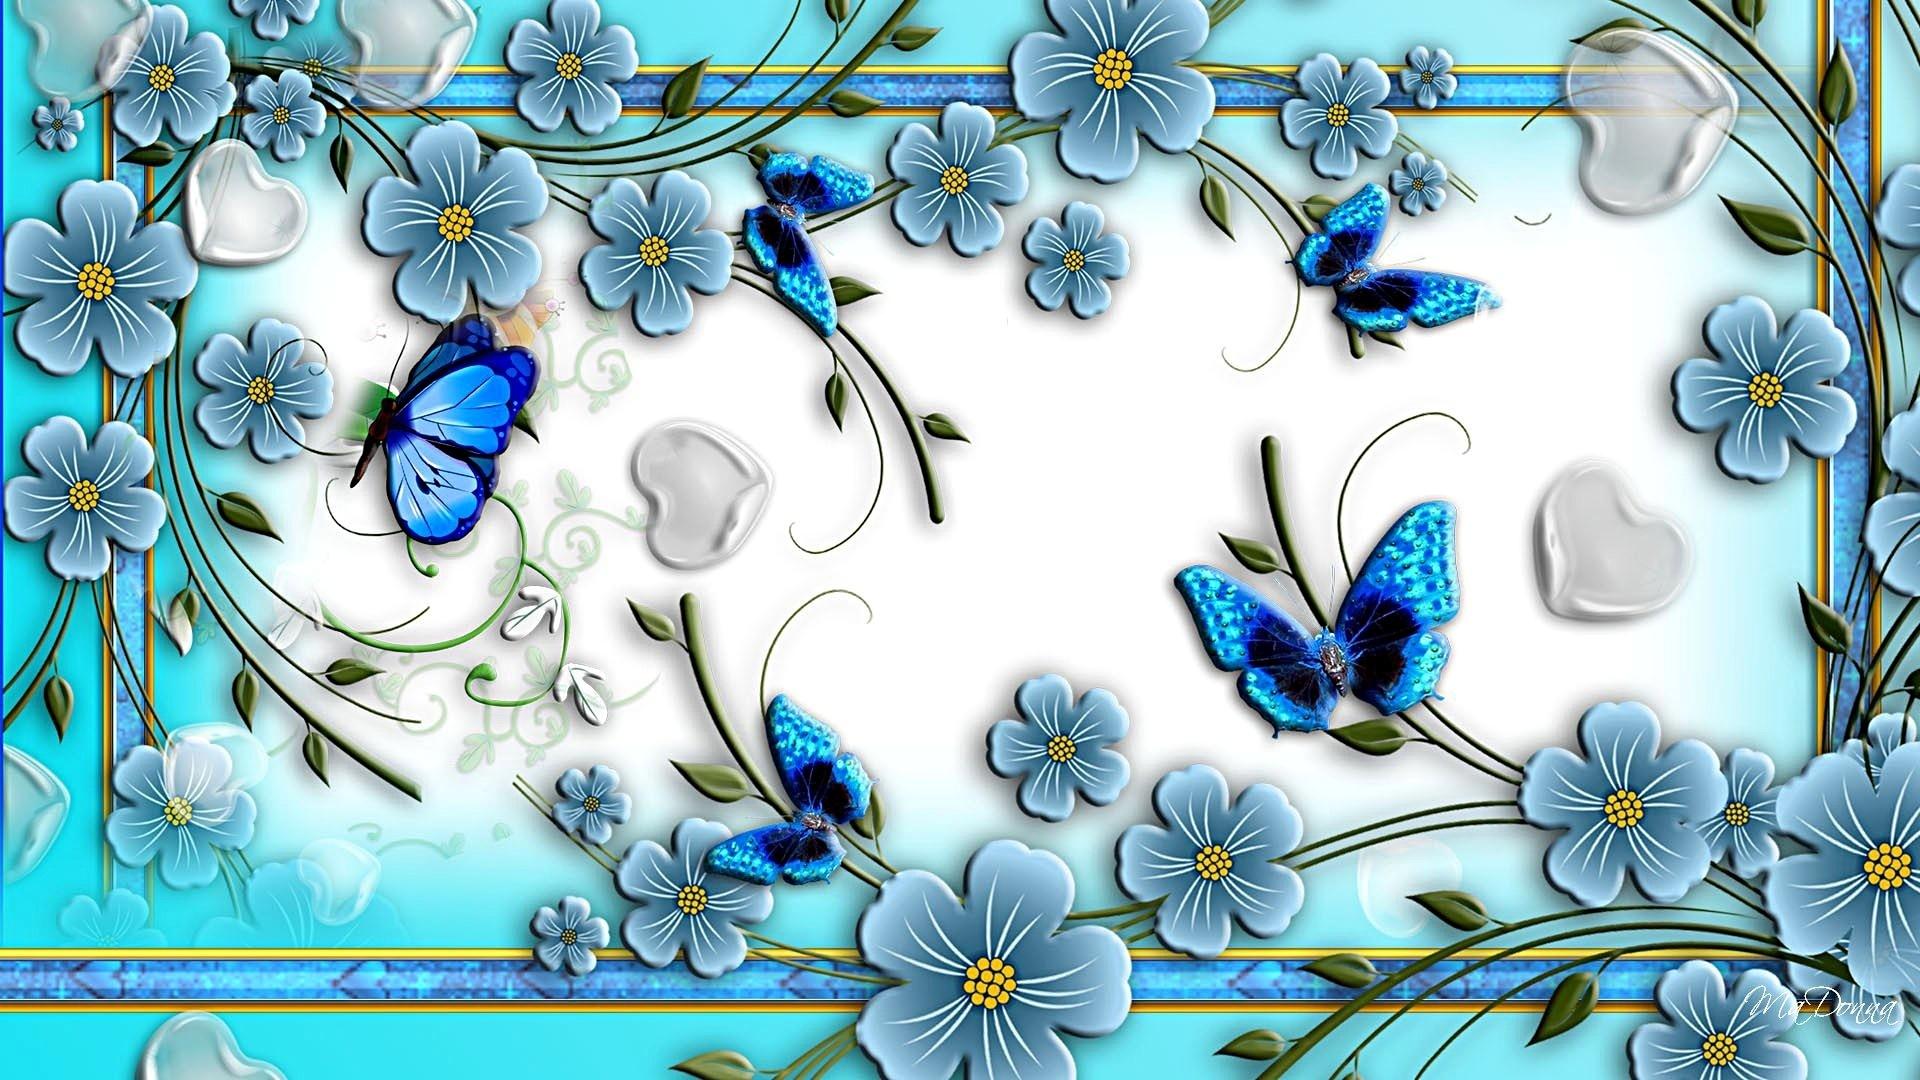 Kupu-kupu collage